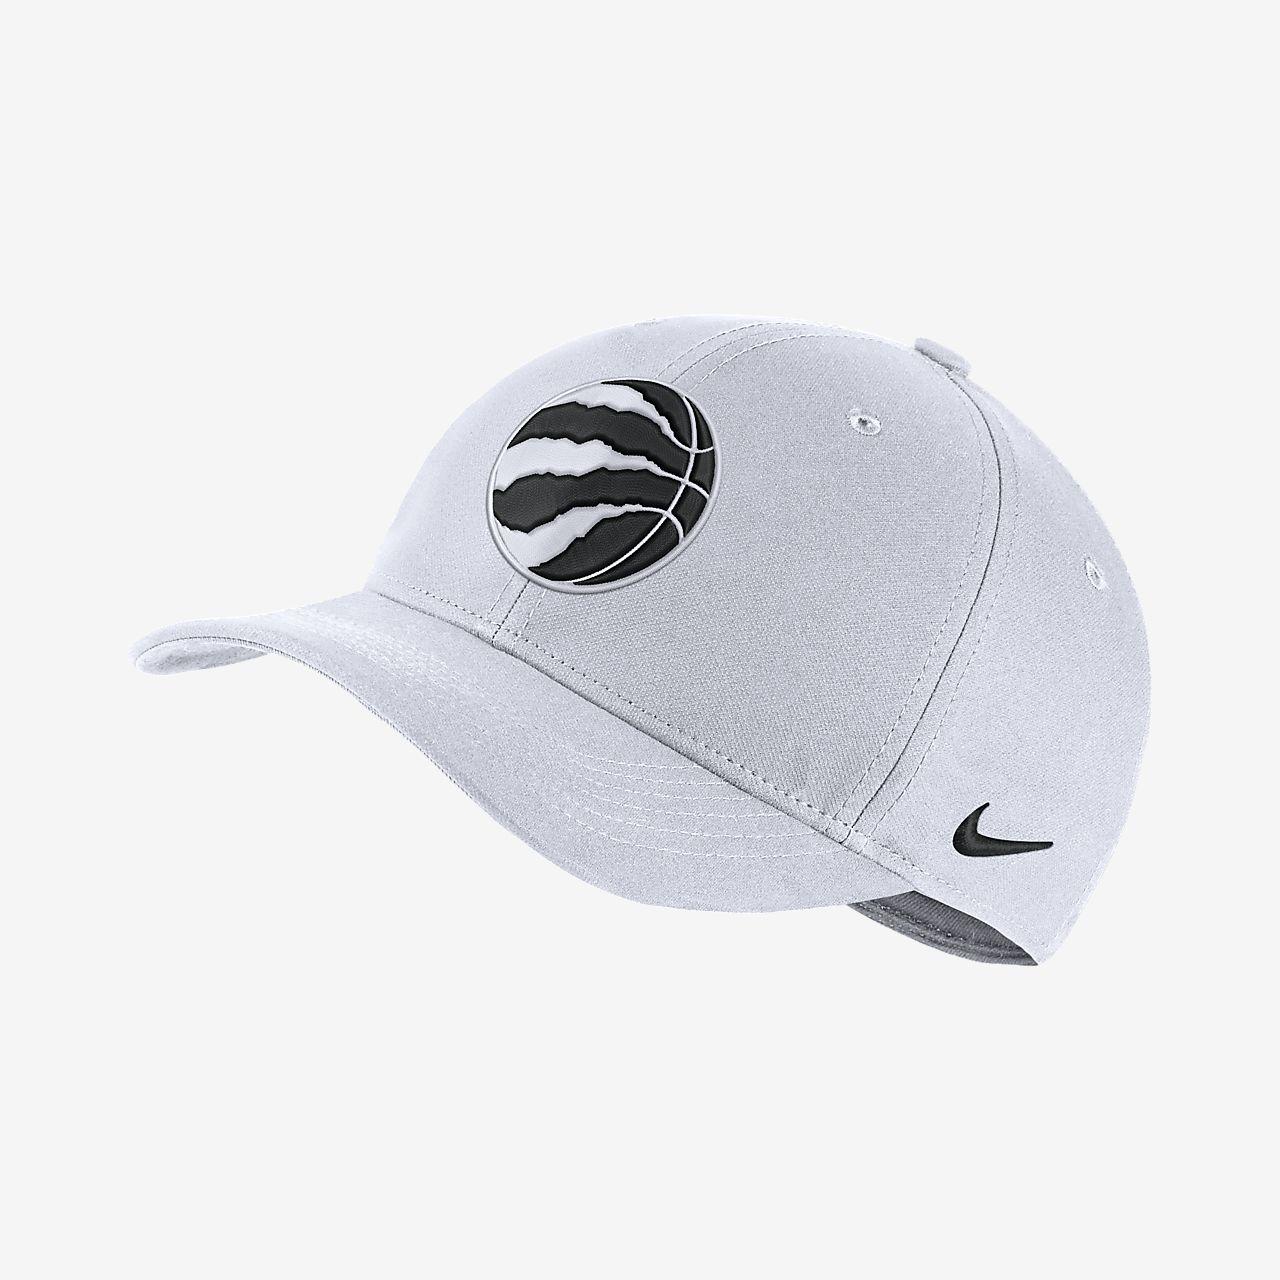 Toronto Raptors City Edition Nike AeroBill Classic99 Gorra de l NBA ... eef304d267a